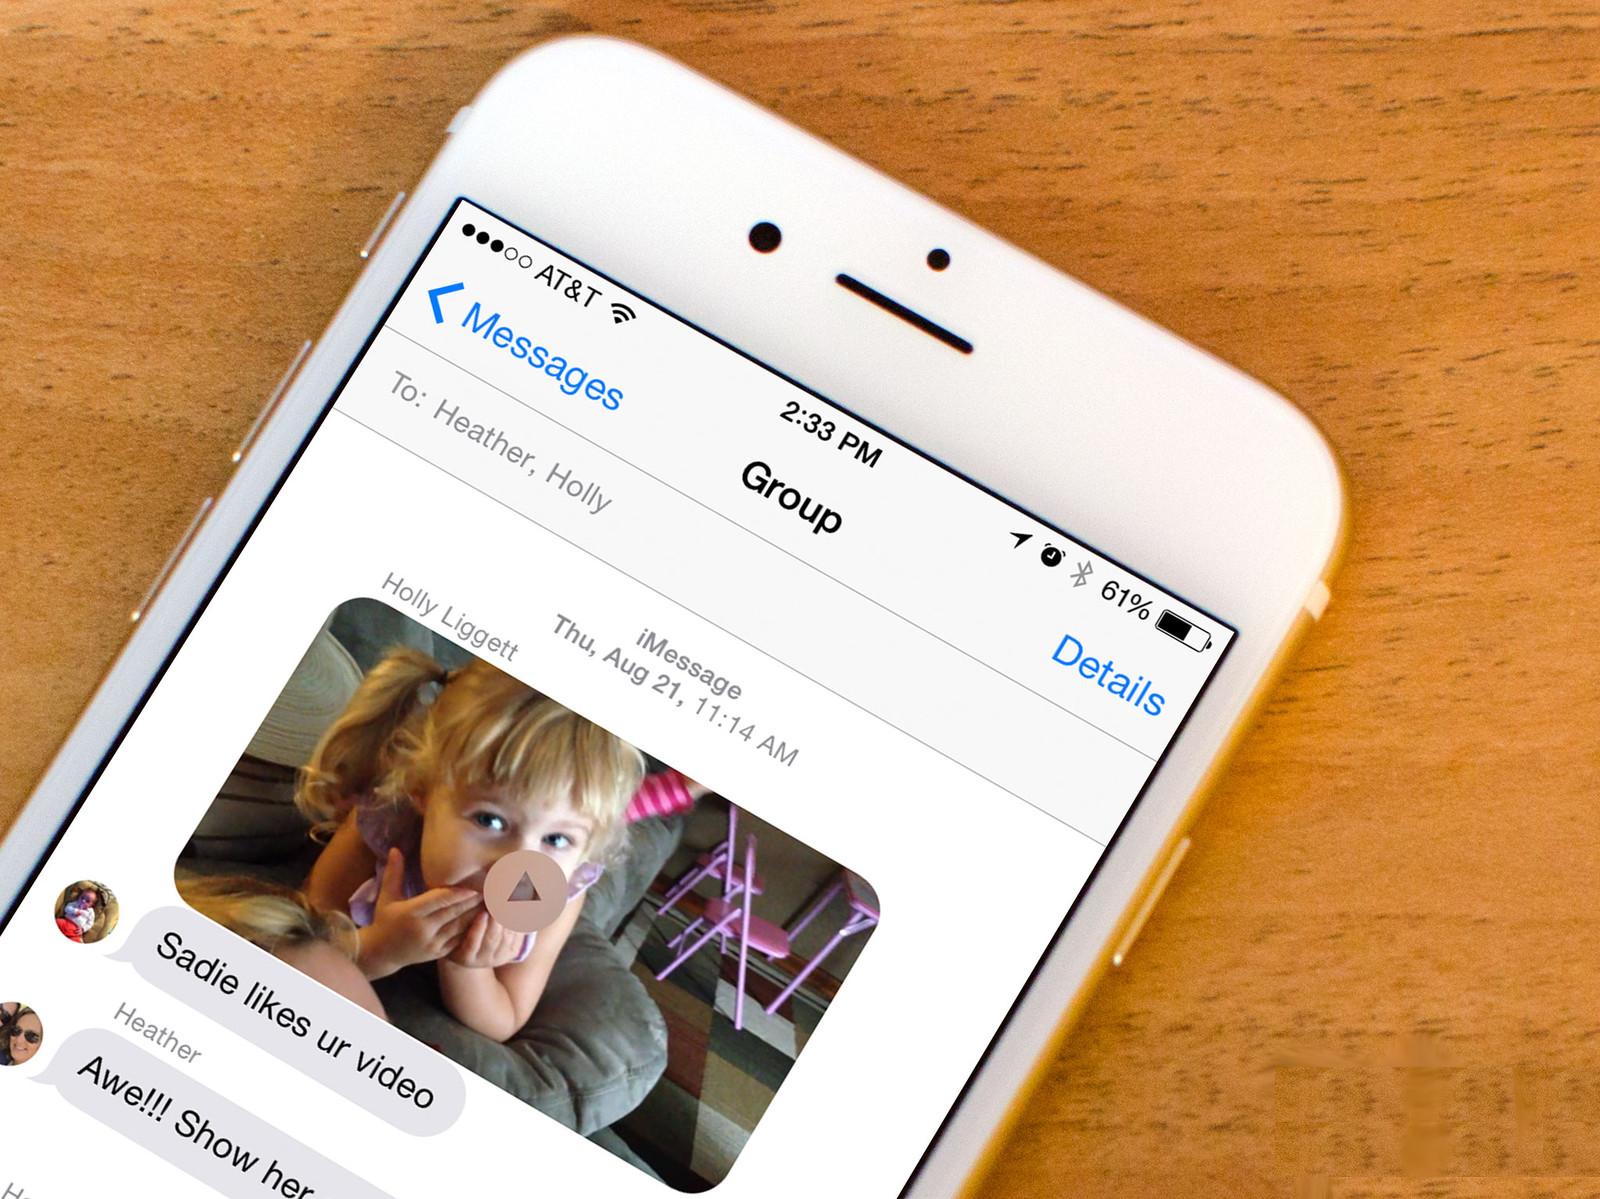 10 жестов, упрощающих работу с iMessage